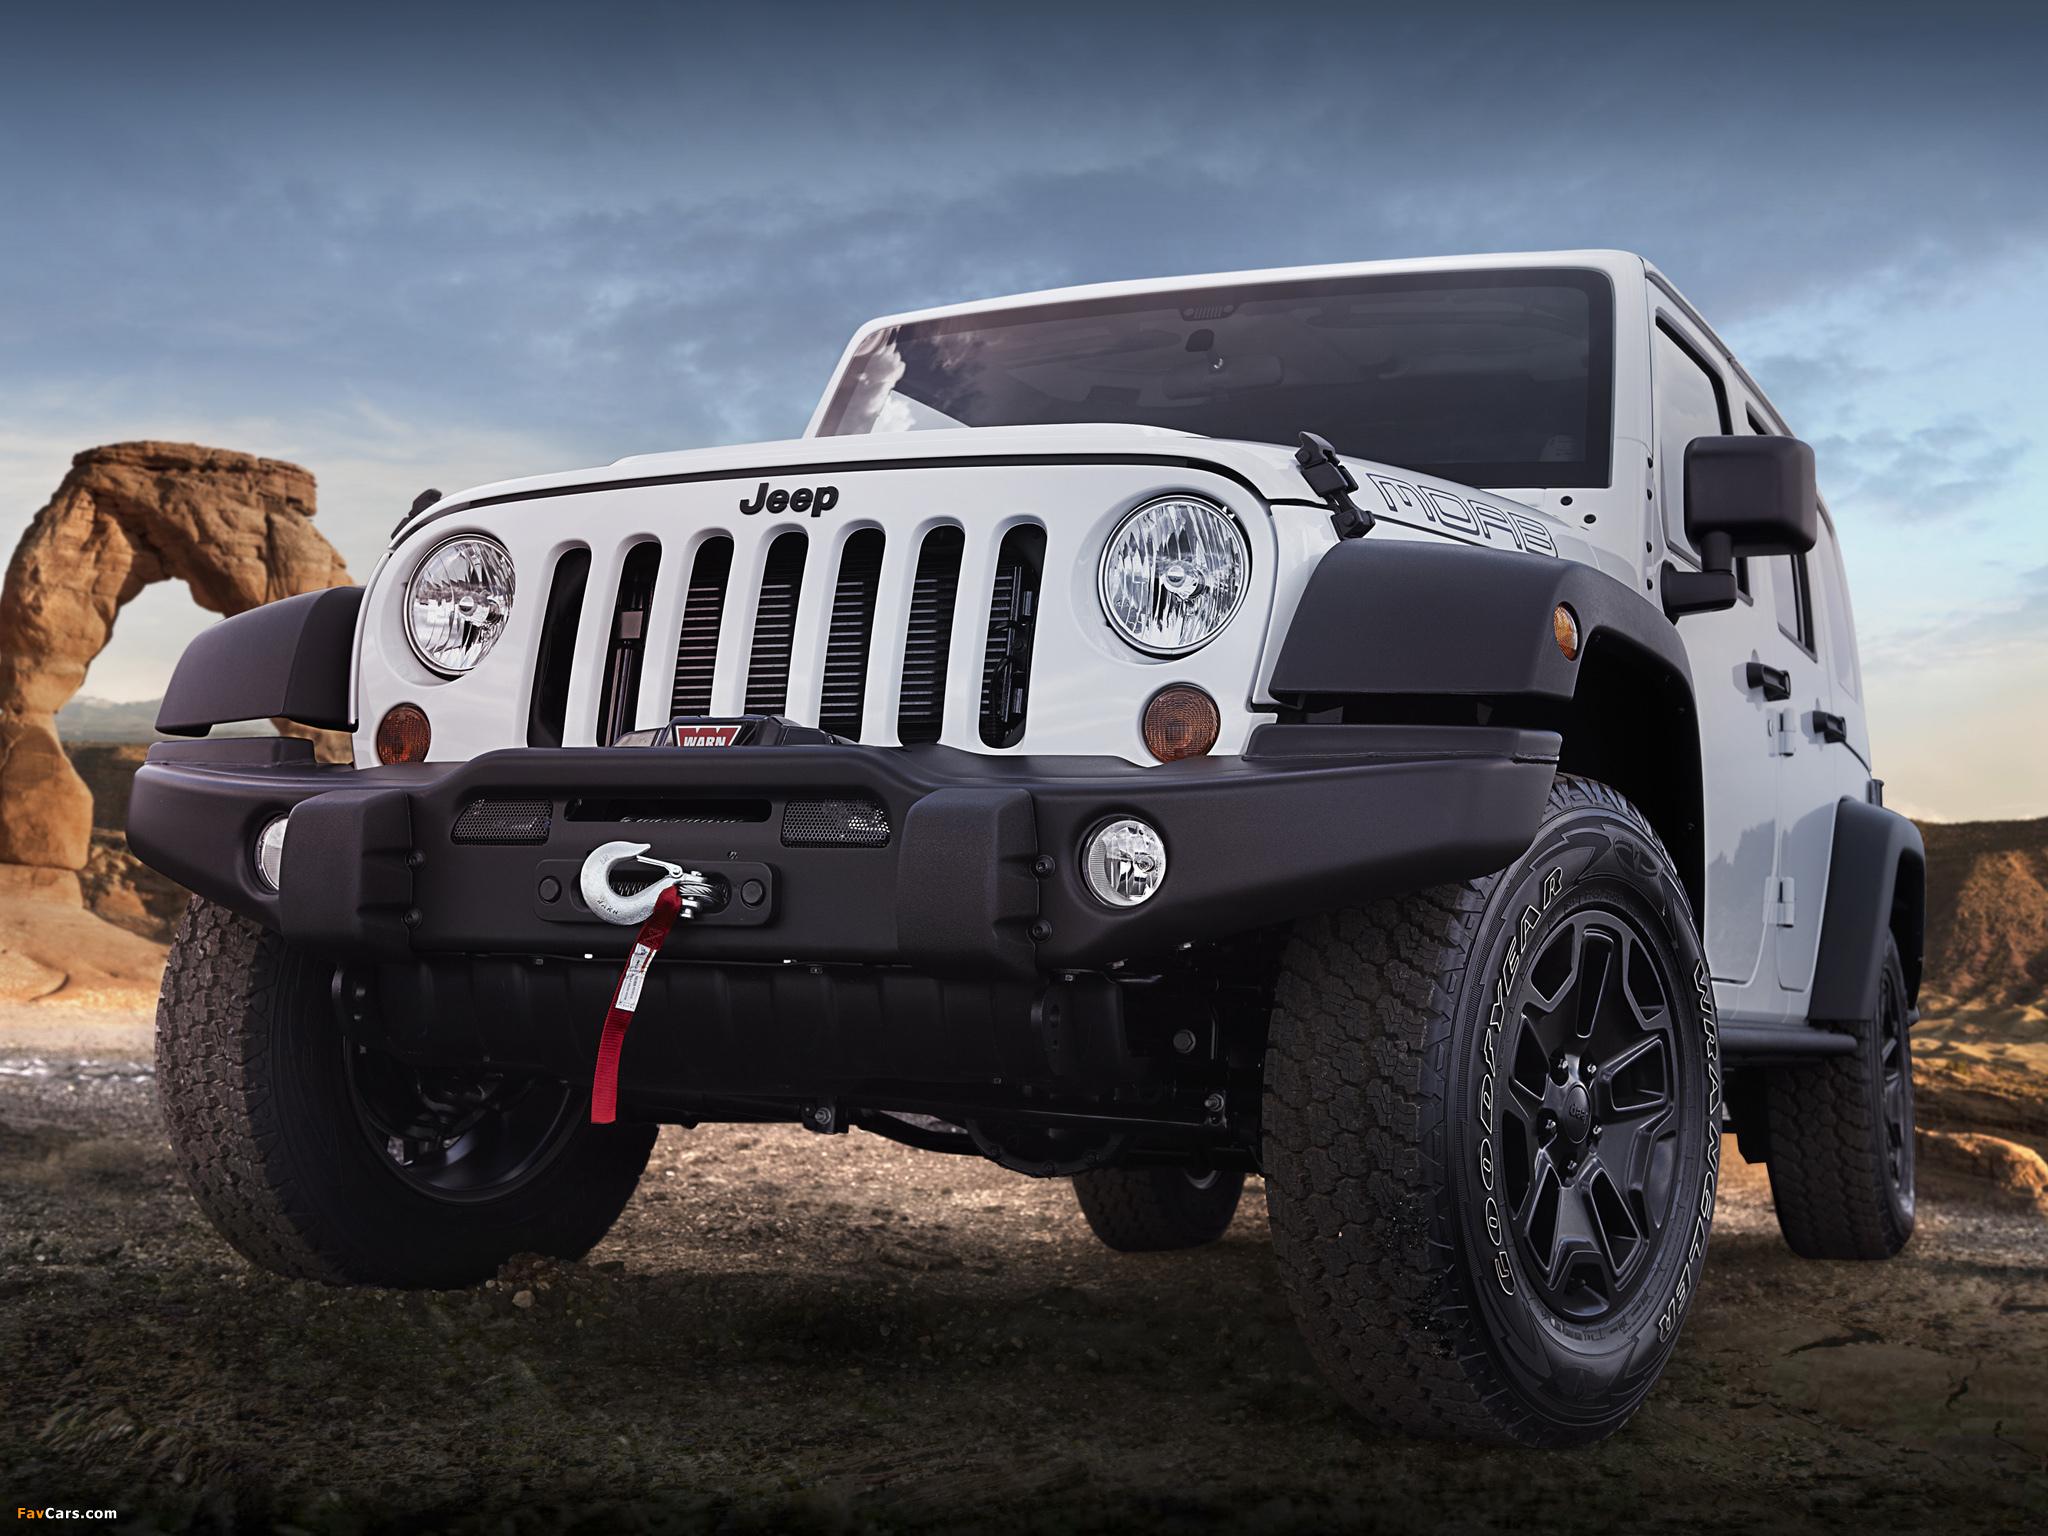 Jeep Wrangler Unlimited Moab (JK) 2012 photos (2048 x 1536)